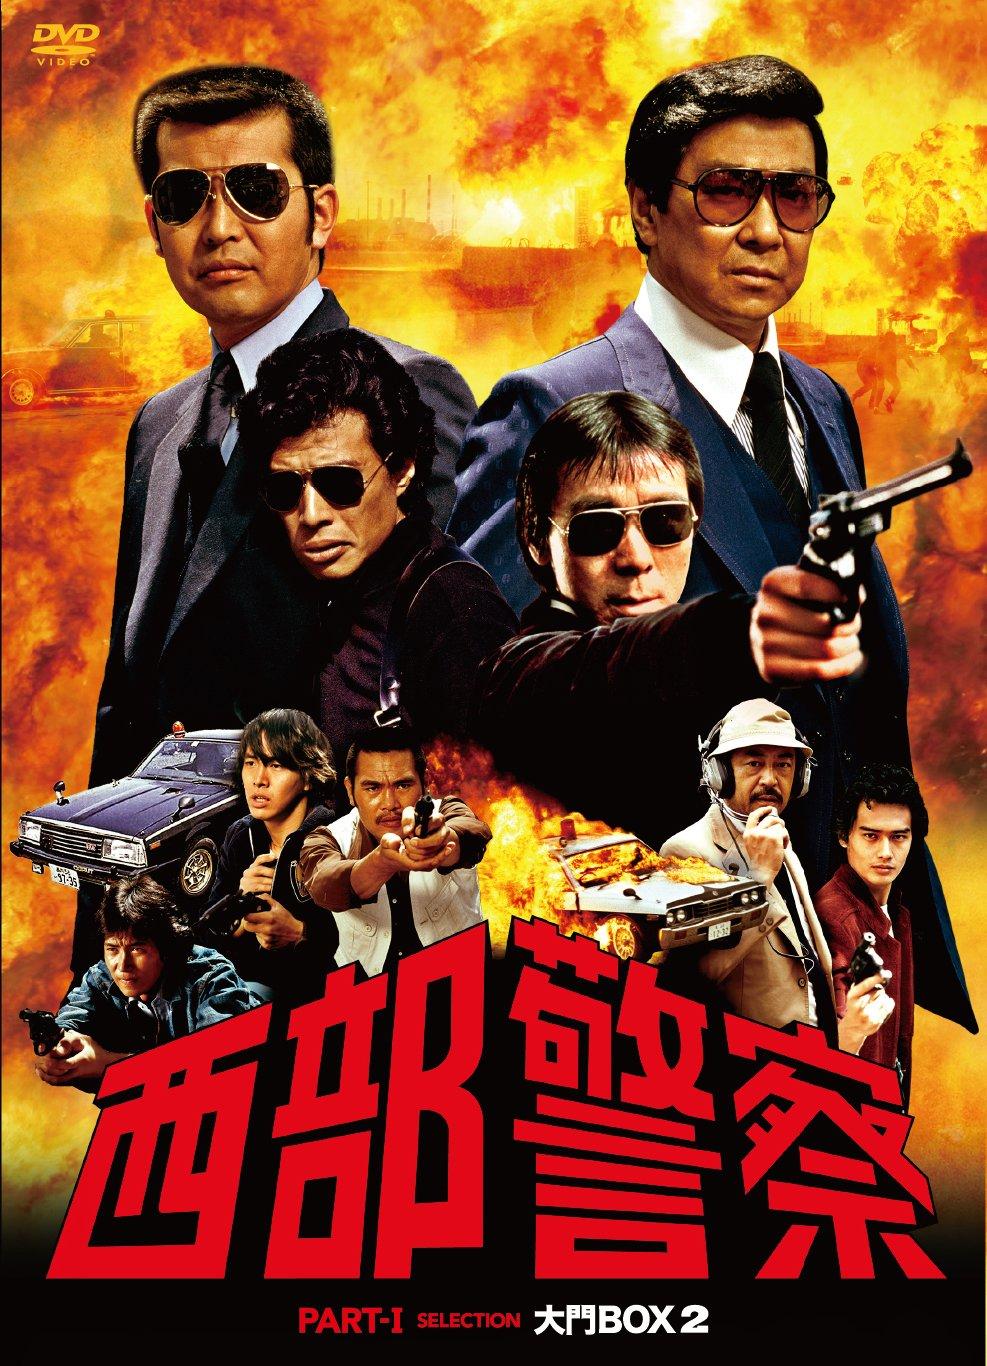 西部警察 PARTⅠセレクション 大門BOX 2 [DVD] B006U79MZ6